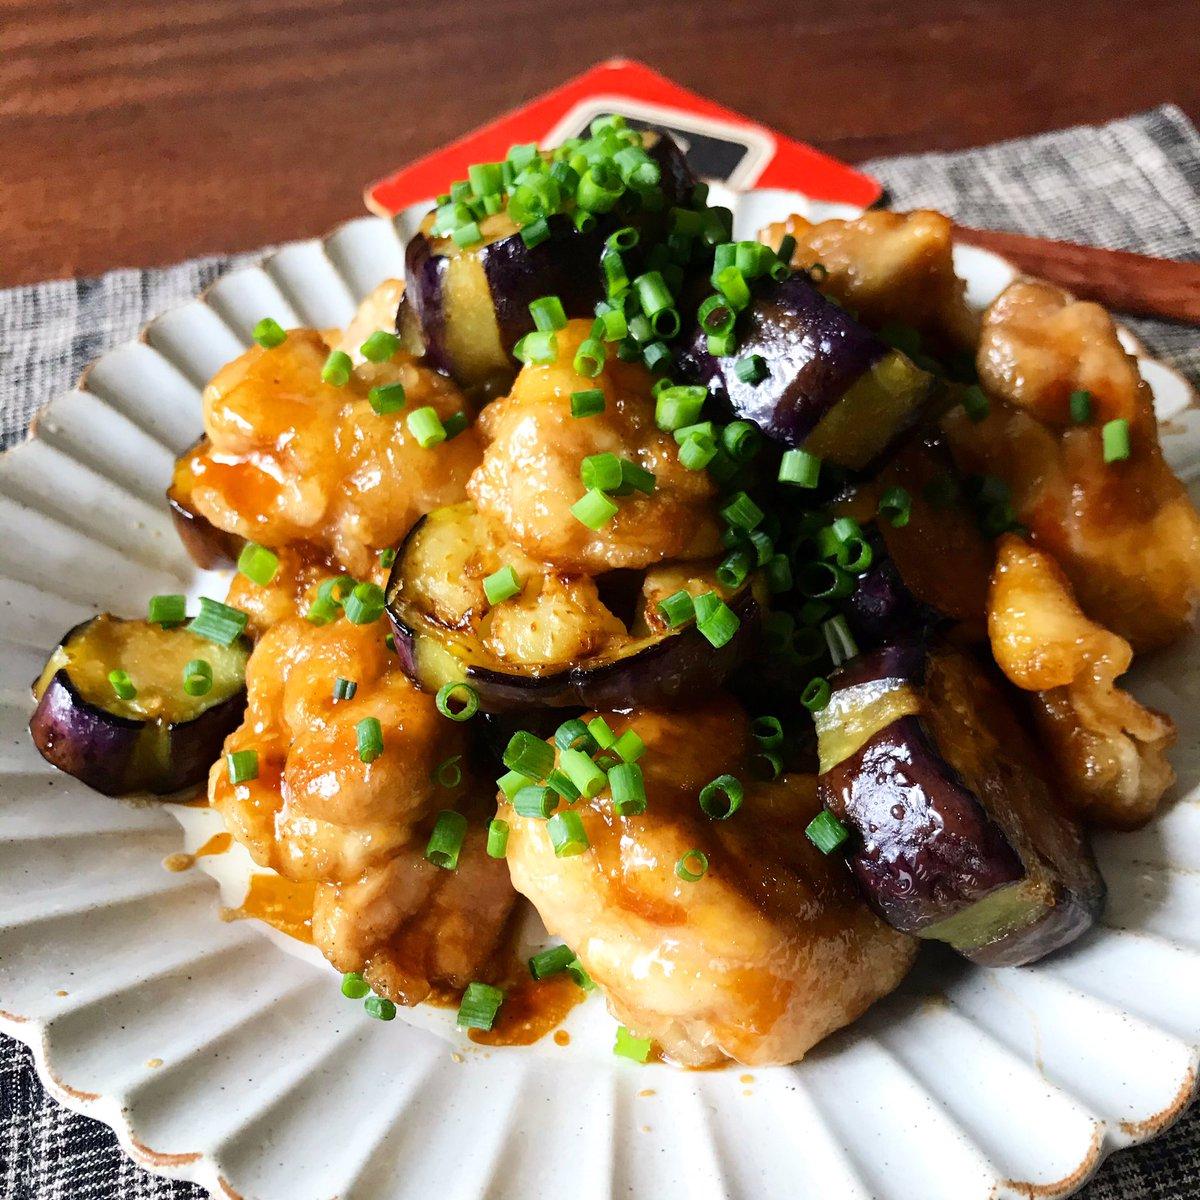 ジューシーな鶏肉とトロトロナスがたまらない!?「鶏とナスの甘酢だれ」の作り方!